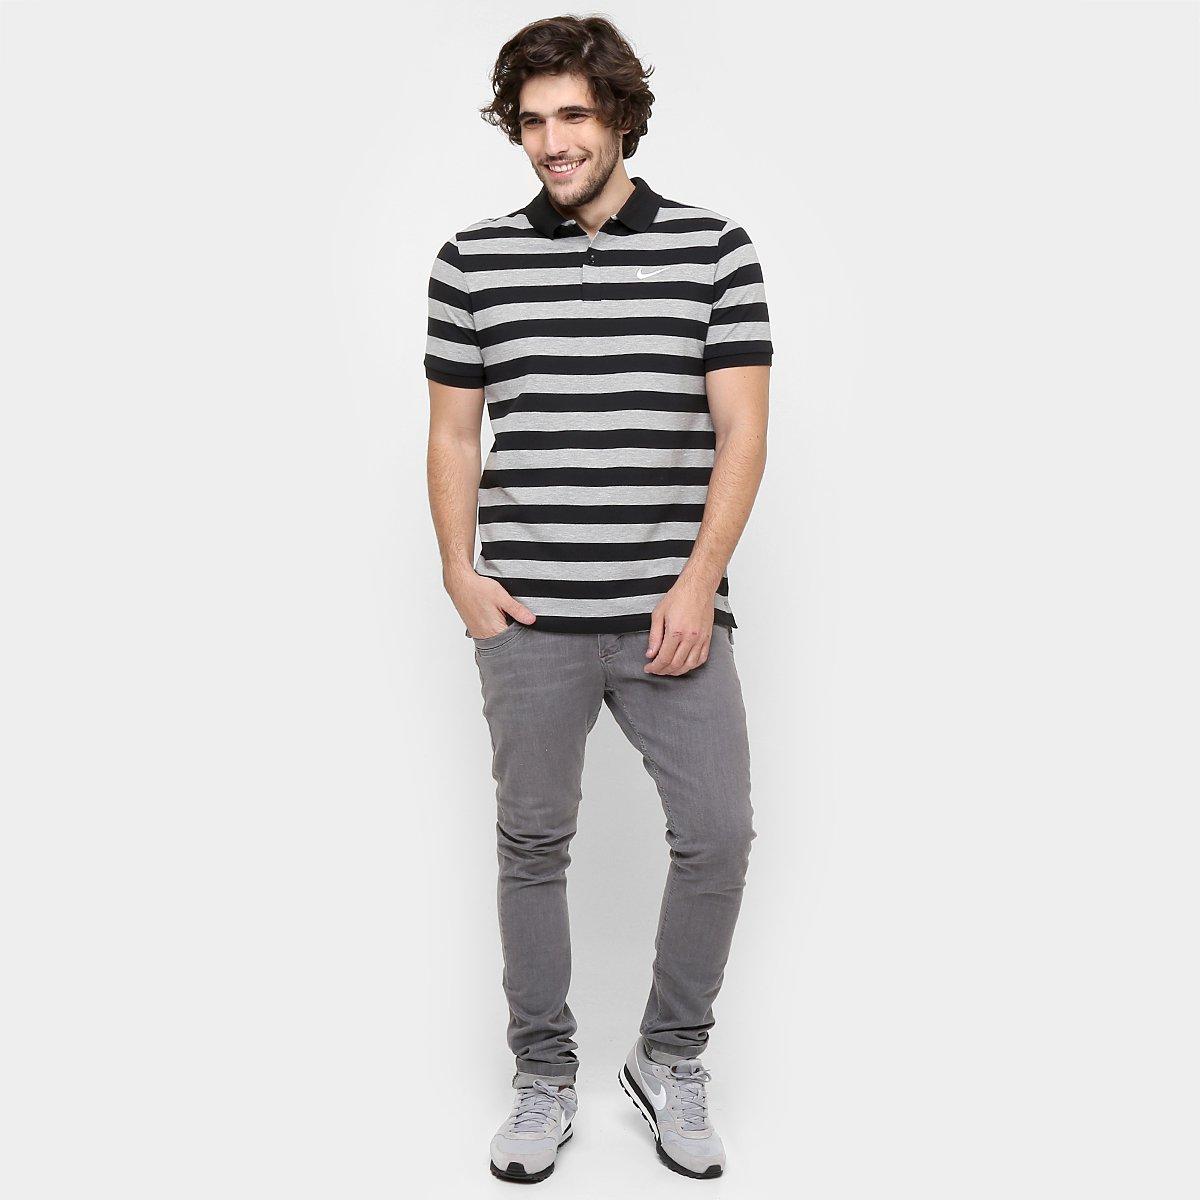 3bf76b83c6 Camiseta Polo Nike Matchup - Compre Agora